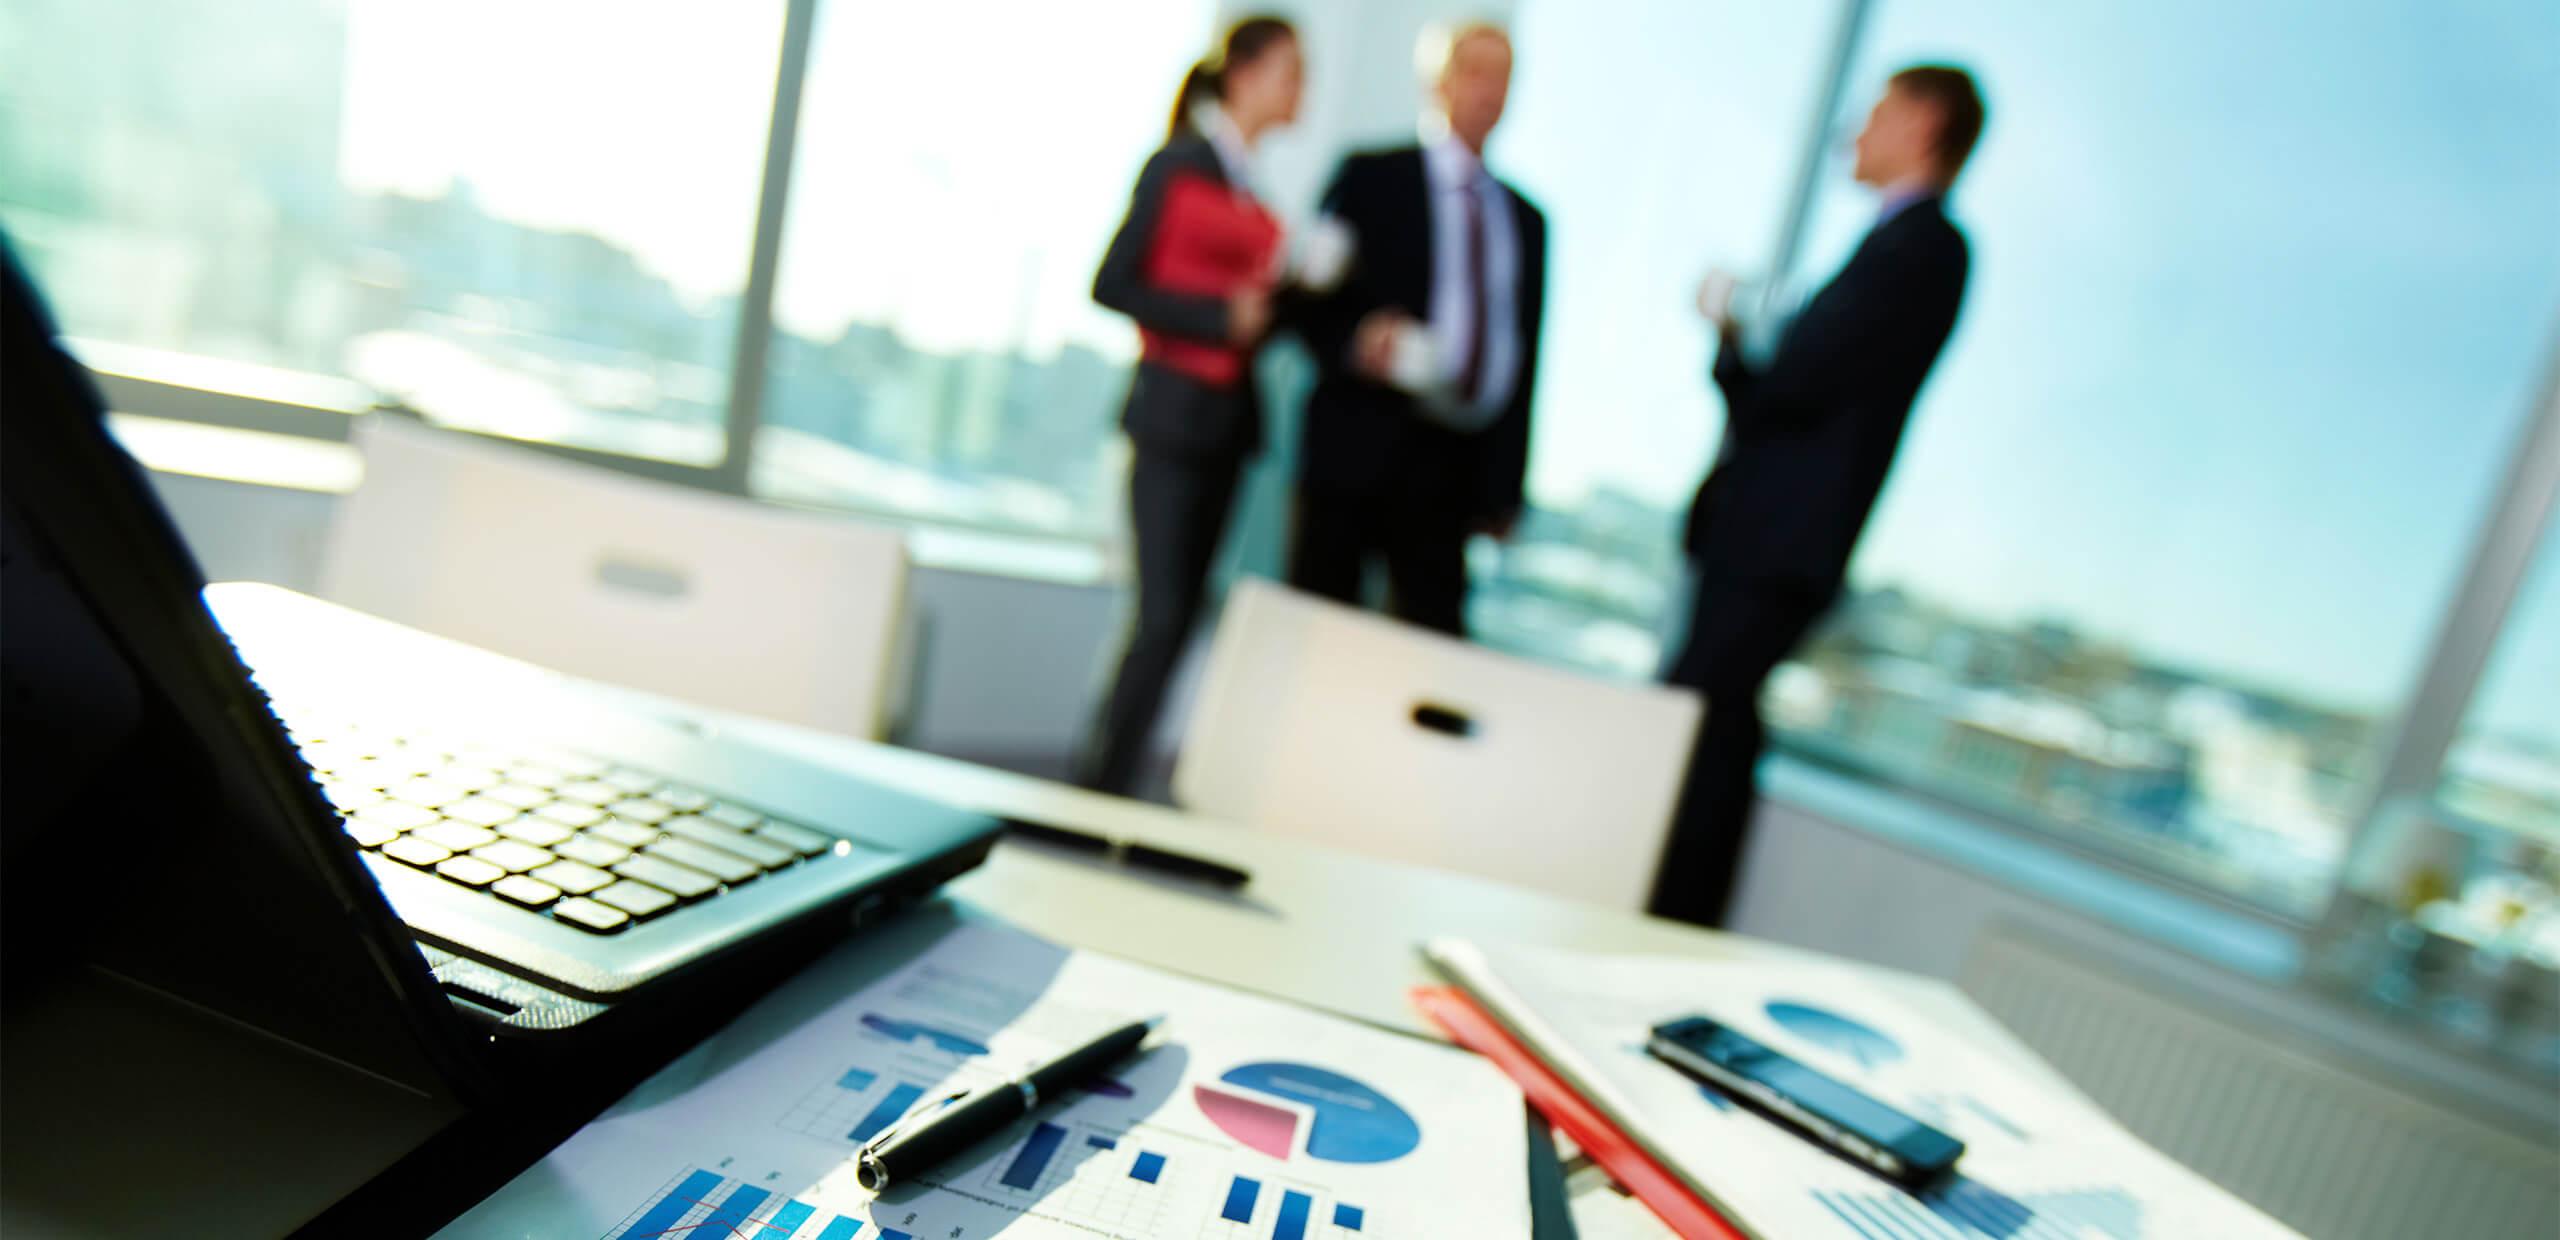 Outsourcing permite muchos beneficios: AmCham